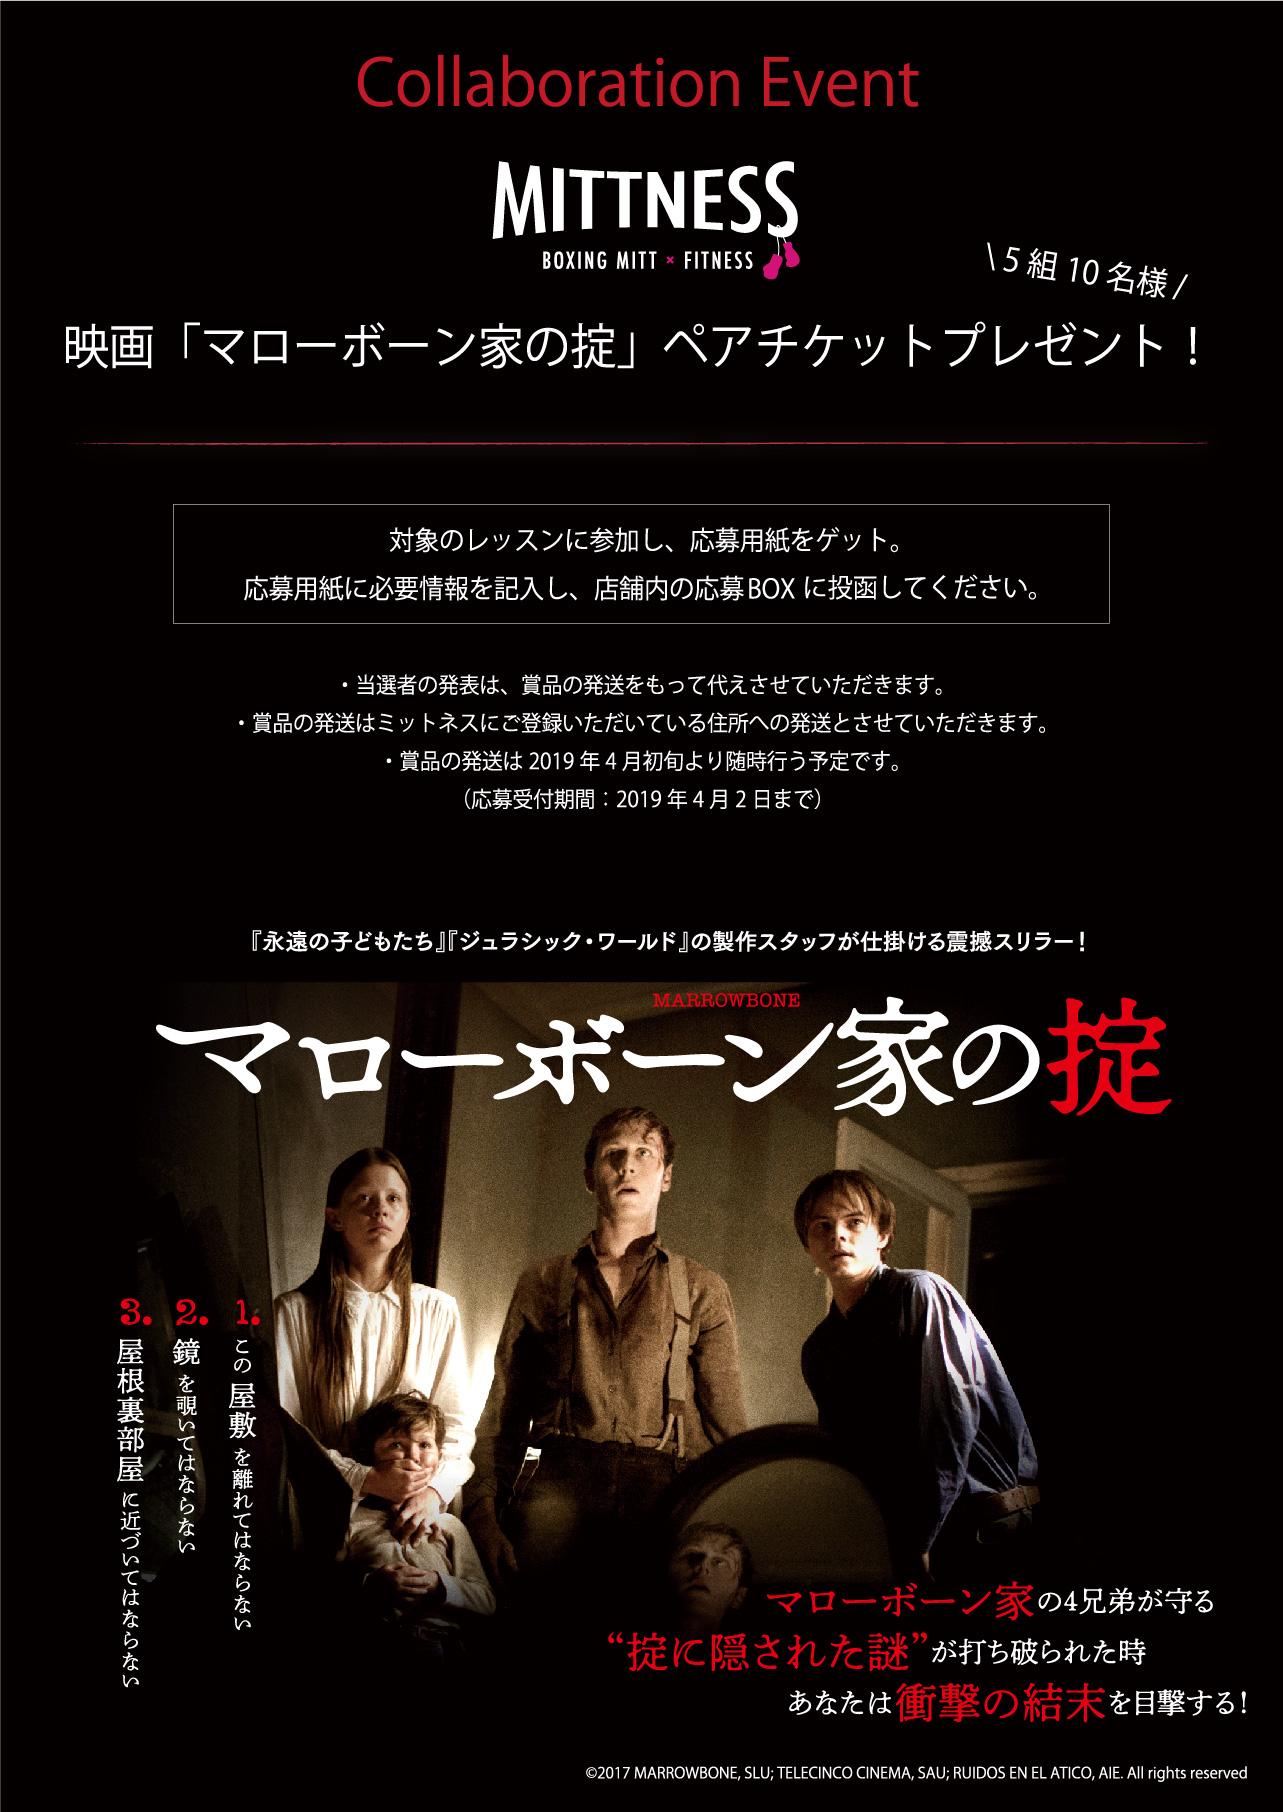 4/12公開映画『マローボーン家の掟』× ミットネス全店にてコラボイベント実施中!